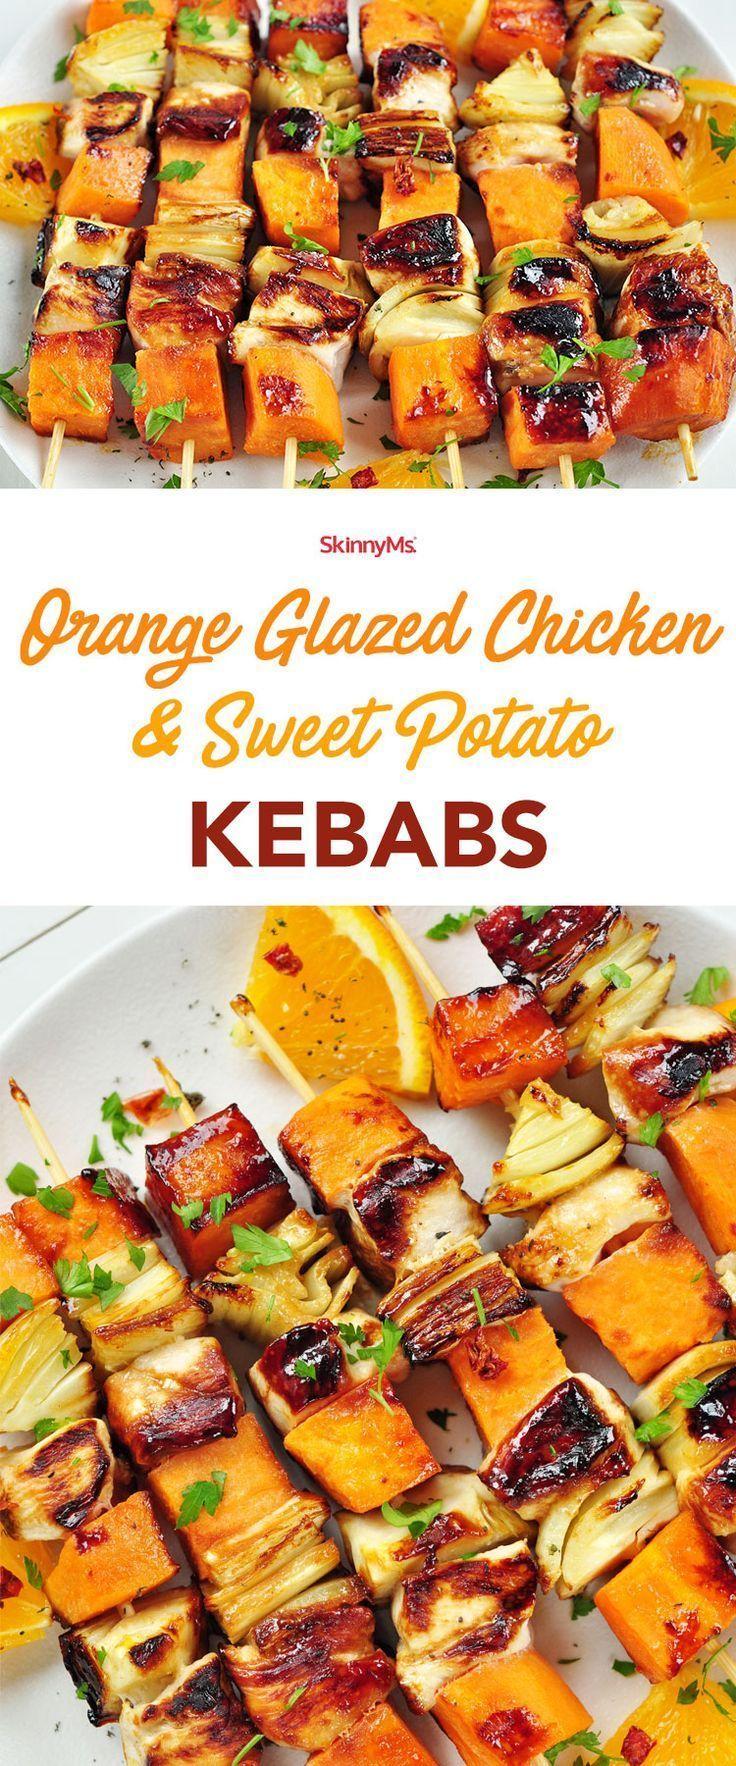 Orange Glazed Chicken Sweet Potato Kebabs